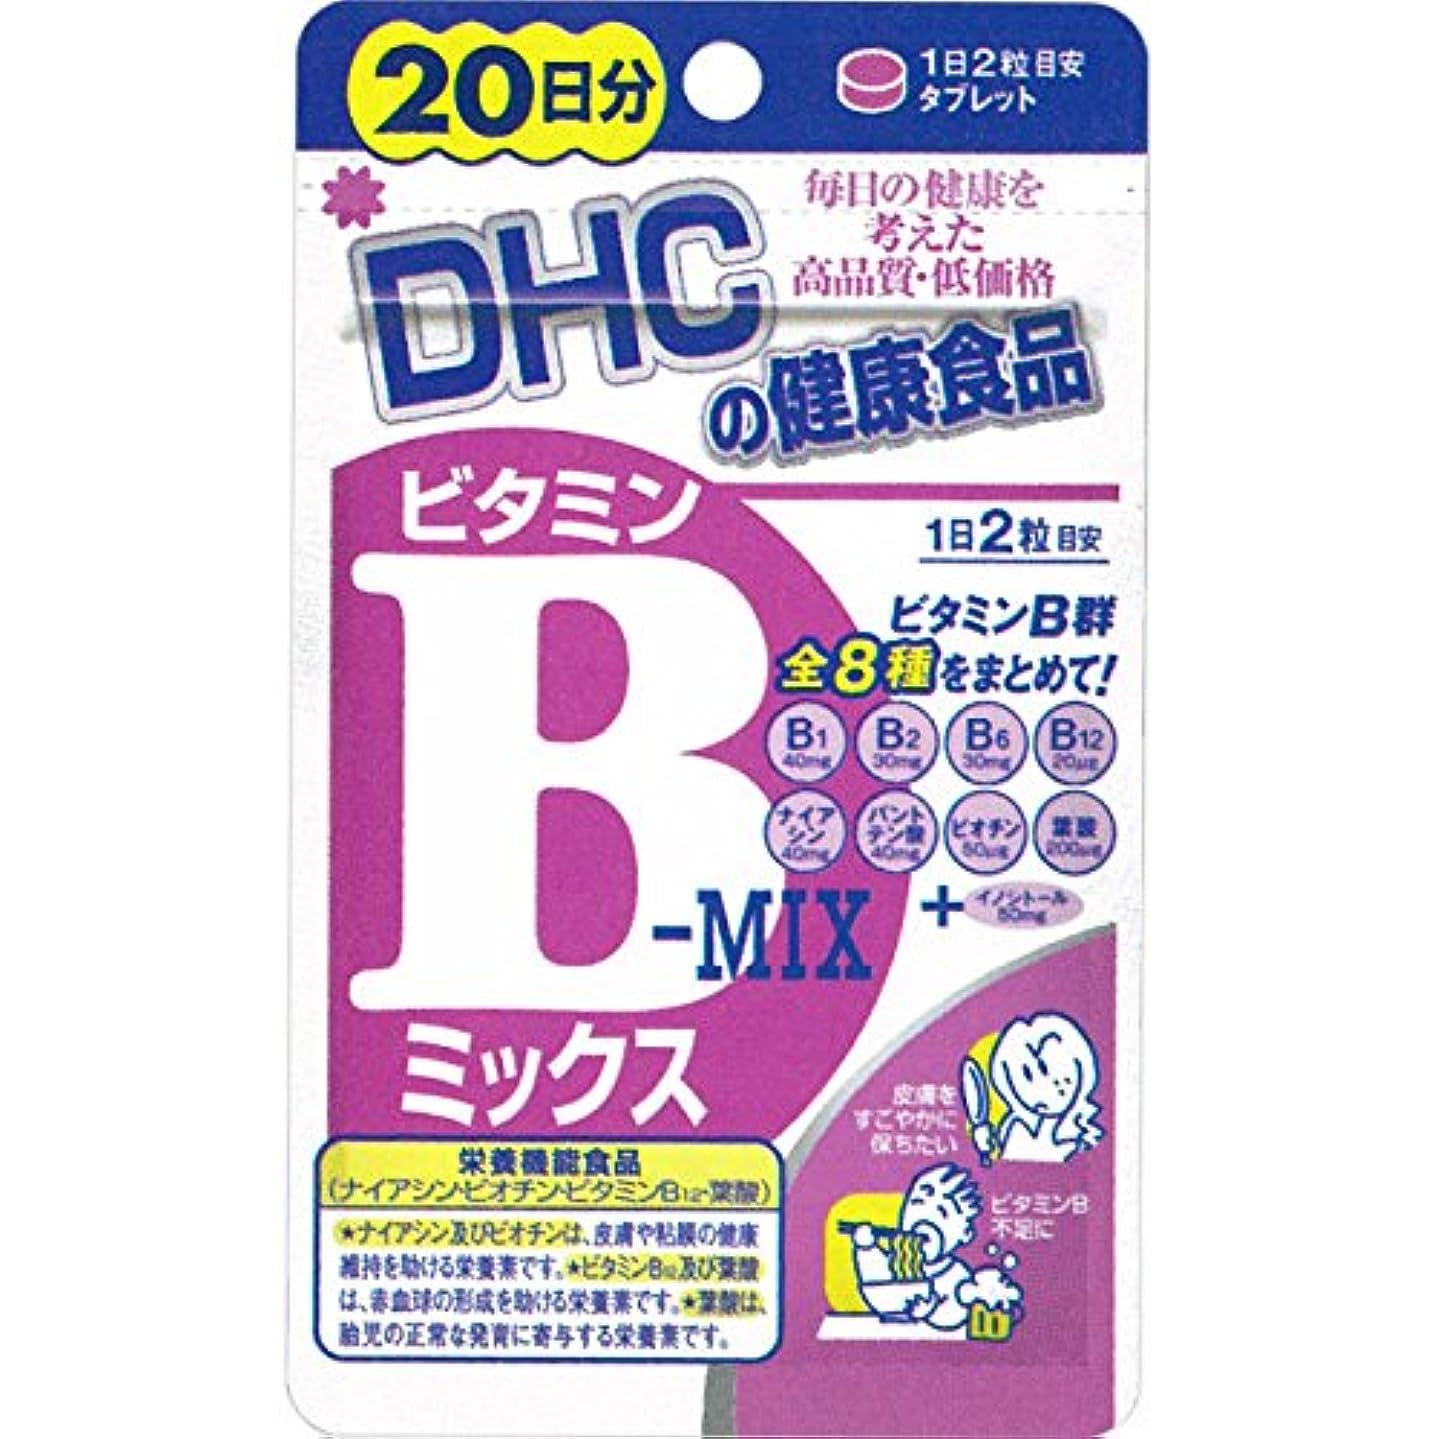 発音限りなくユーモアDHC(ディーエイチシー) サプリメント DHC ビタミンB MIX 20日分